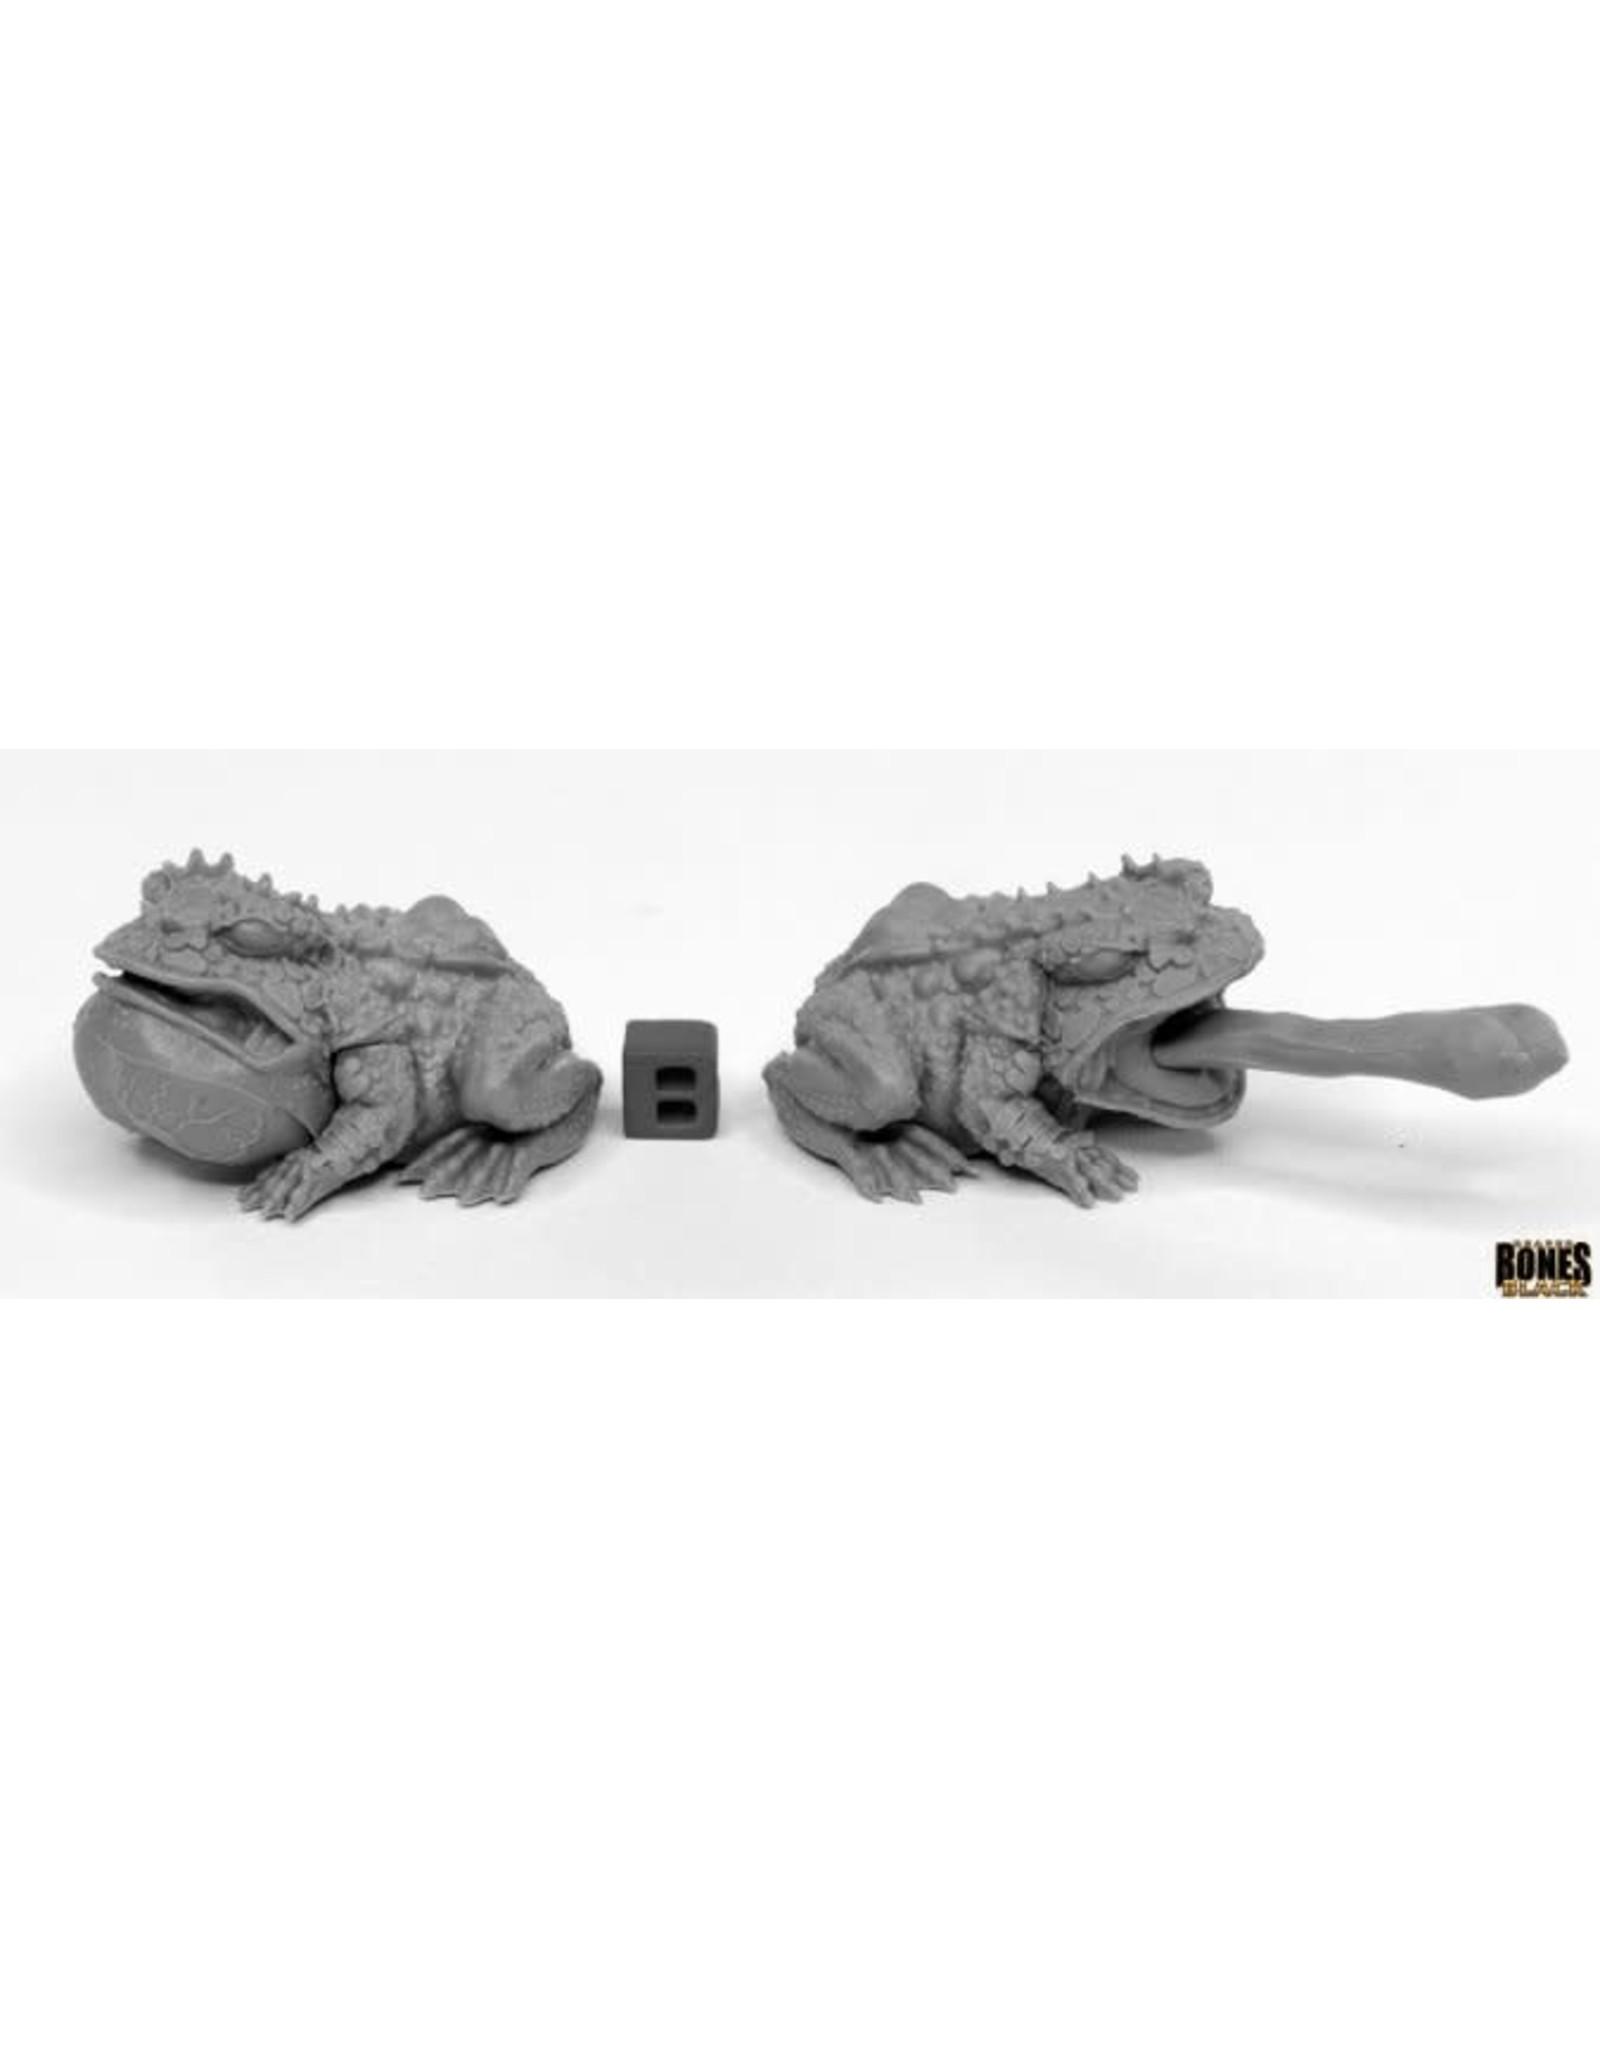 Reaper Miniatures Bones Black: Giant Frogs